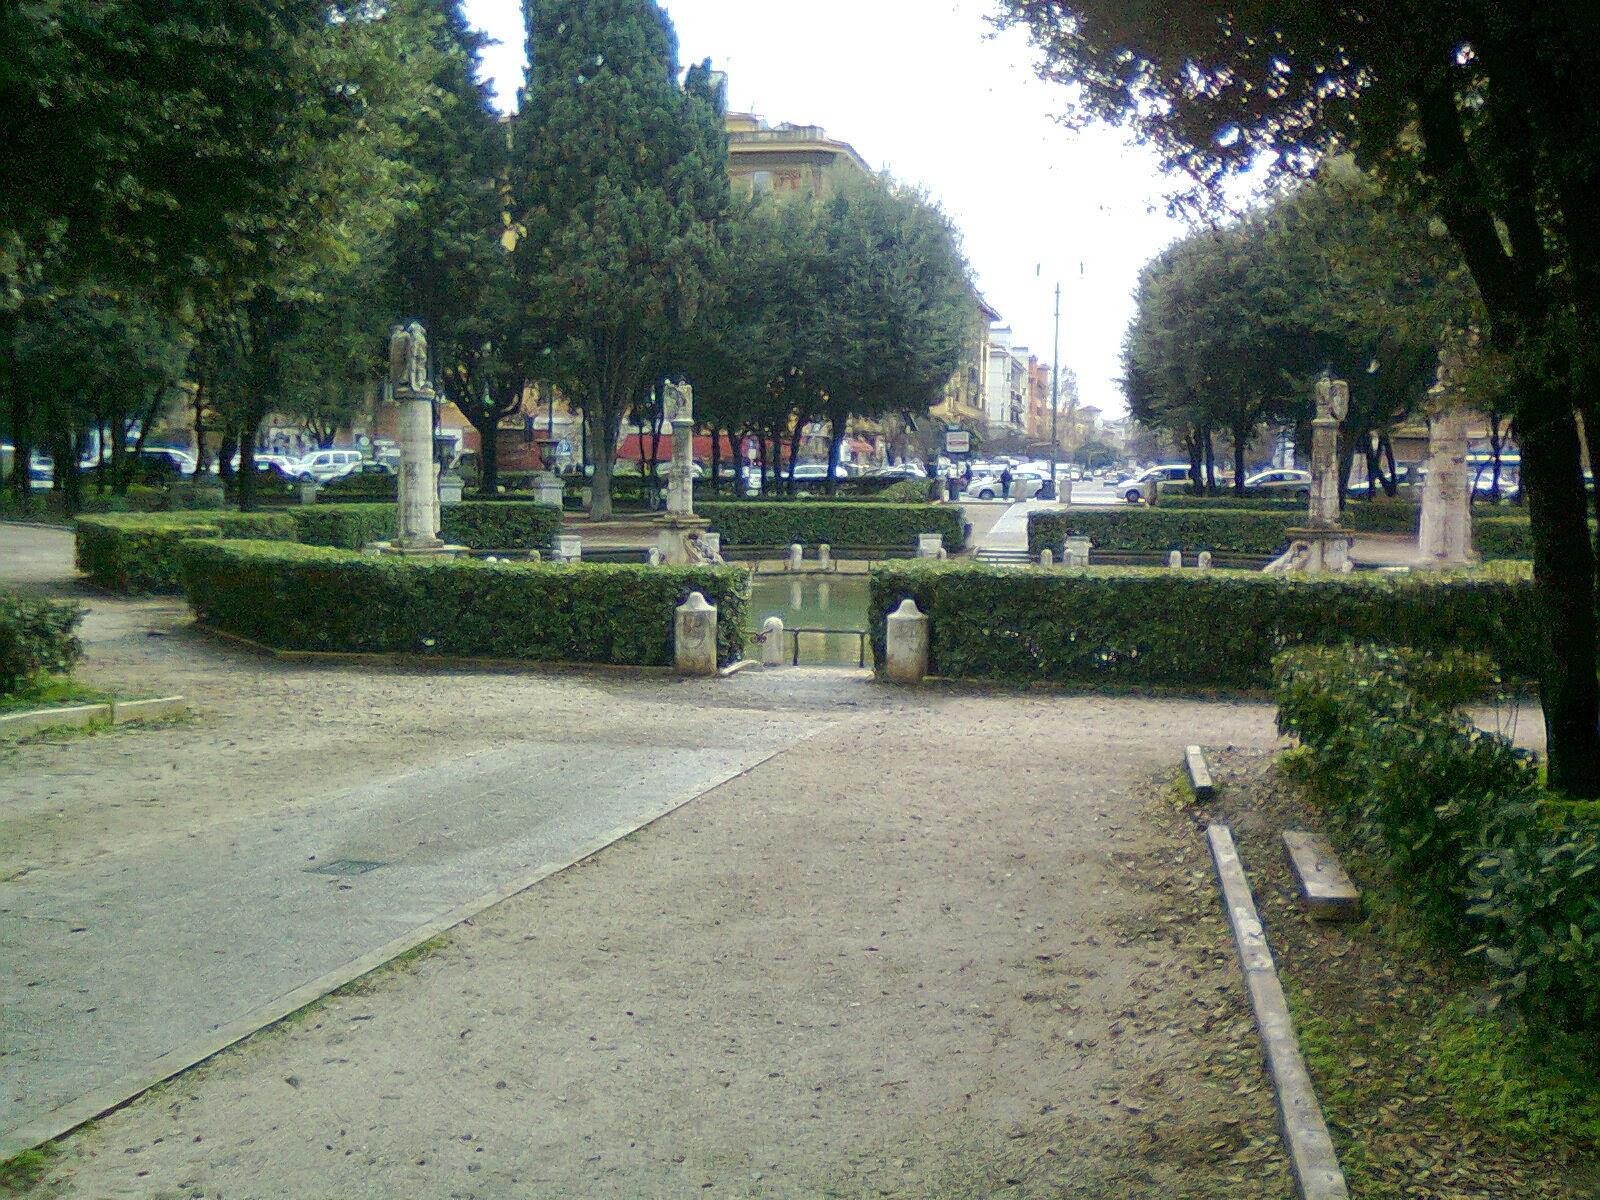 Lovely Alcune Immagini Di Piazza Mazzini Scattate Dallu0027autore Del Blog.